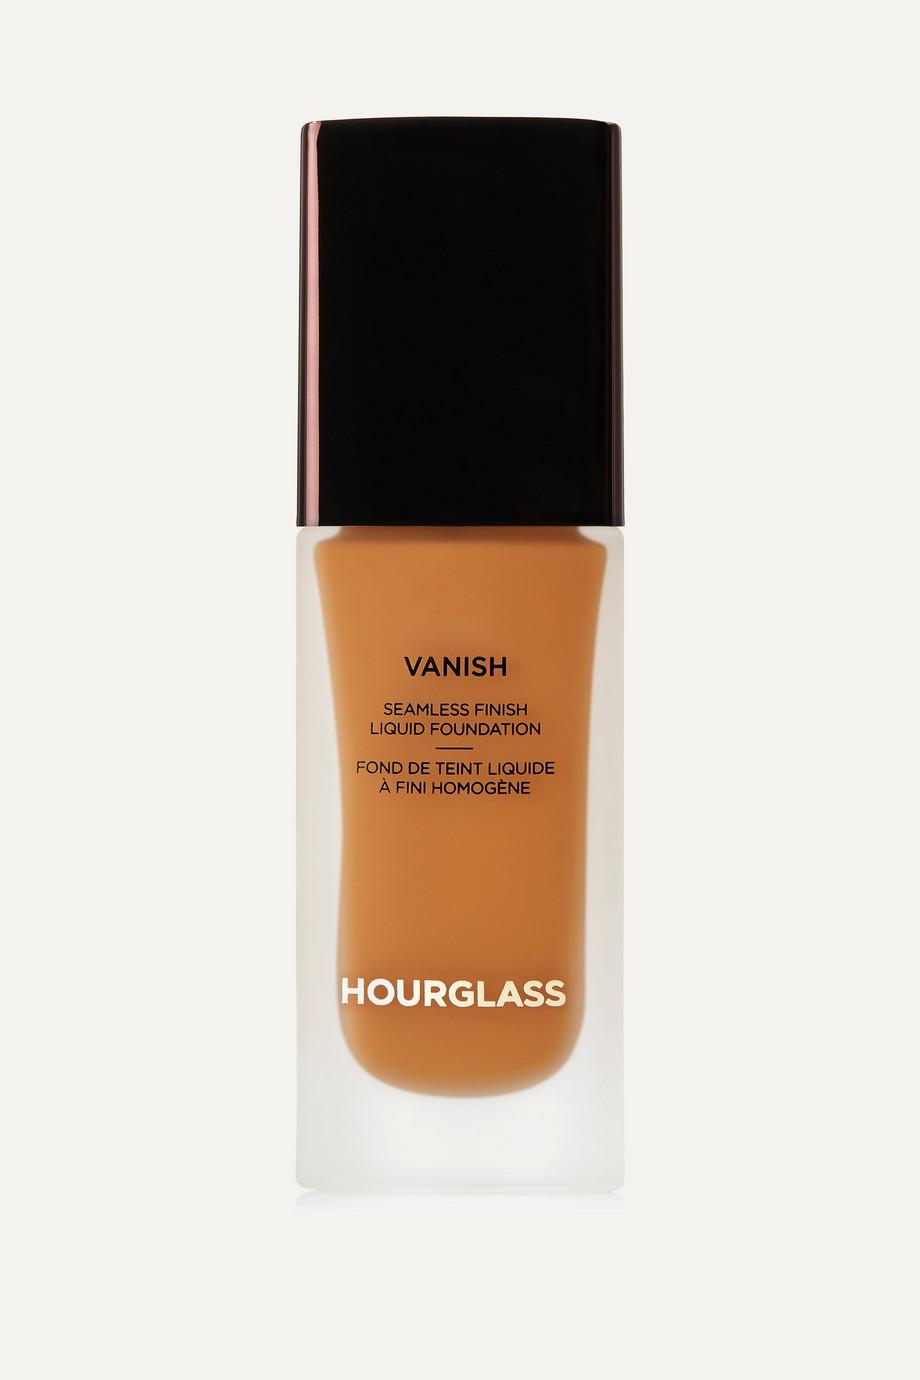 Hourglass Vanish Seamless Finish Liquid Foundation – Amber, 25 ml – Foundation